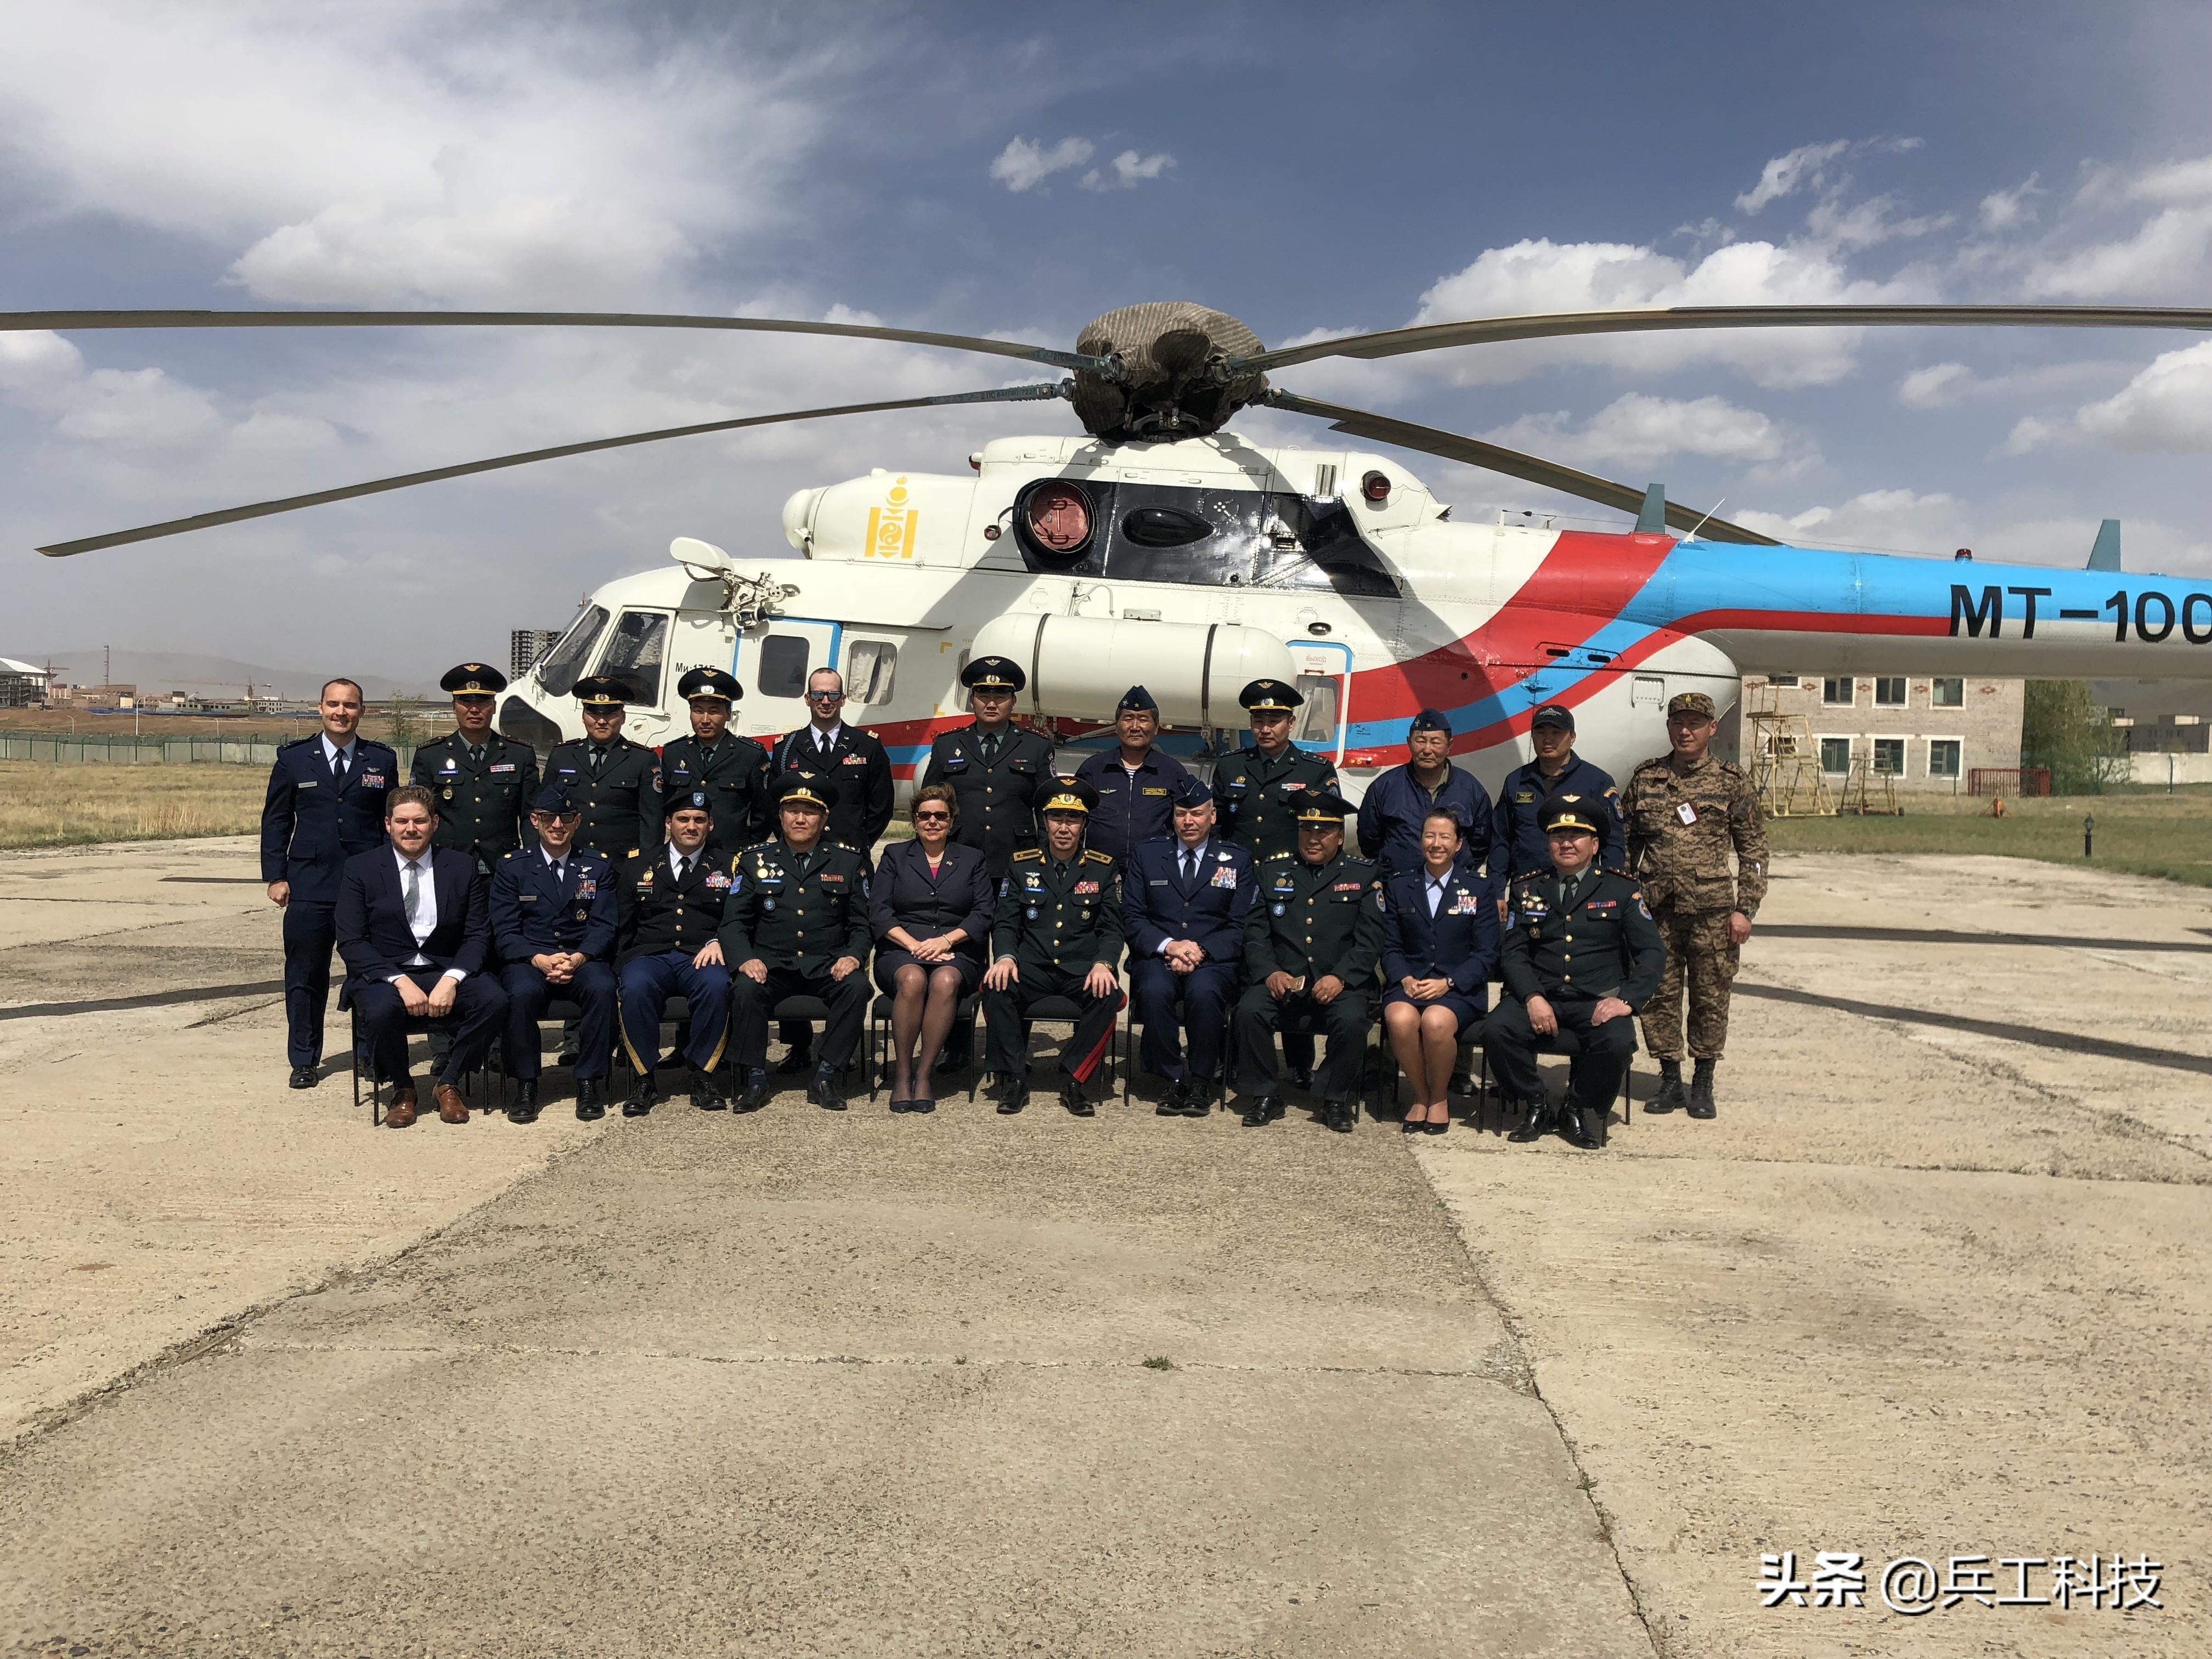 蒙古国海军可谓家喻户晓了,蒙古空军却没有几个人知道